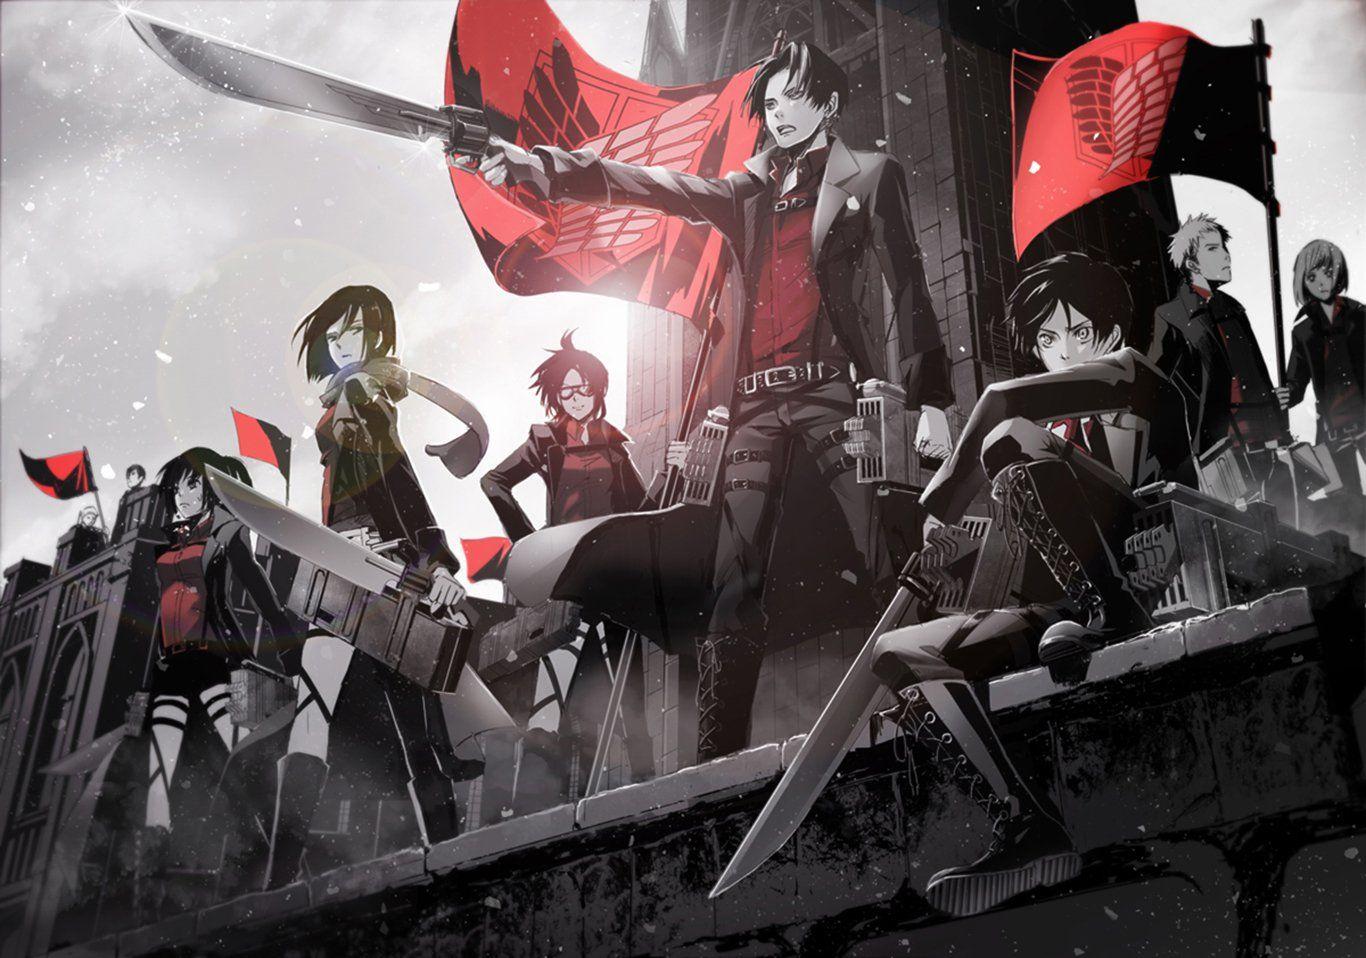 Anime Attack On Titan Mikasa Ackerman Eren Yeager Levi Ackerman Hange Zoe Sasha Blouse Petra Ral Jea Attack On Titan Anime Attack On Titan Attack On Titan Art